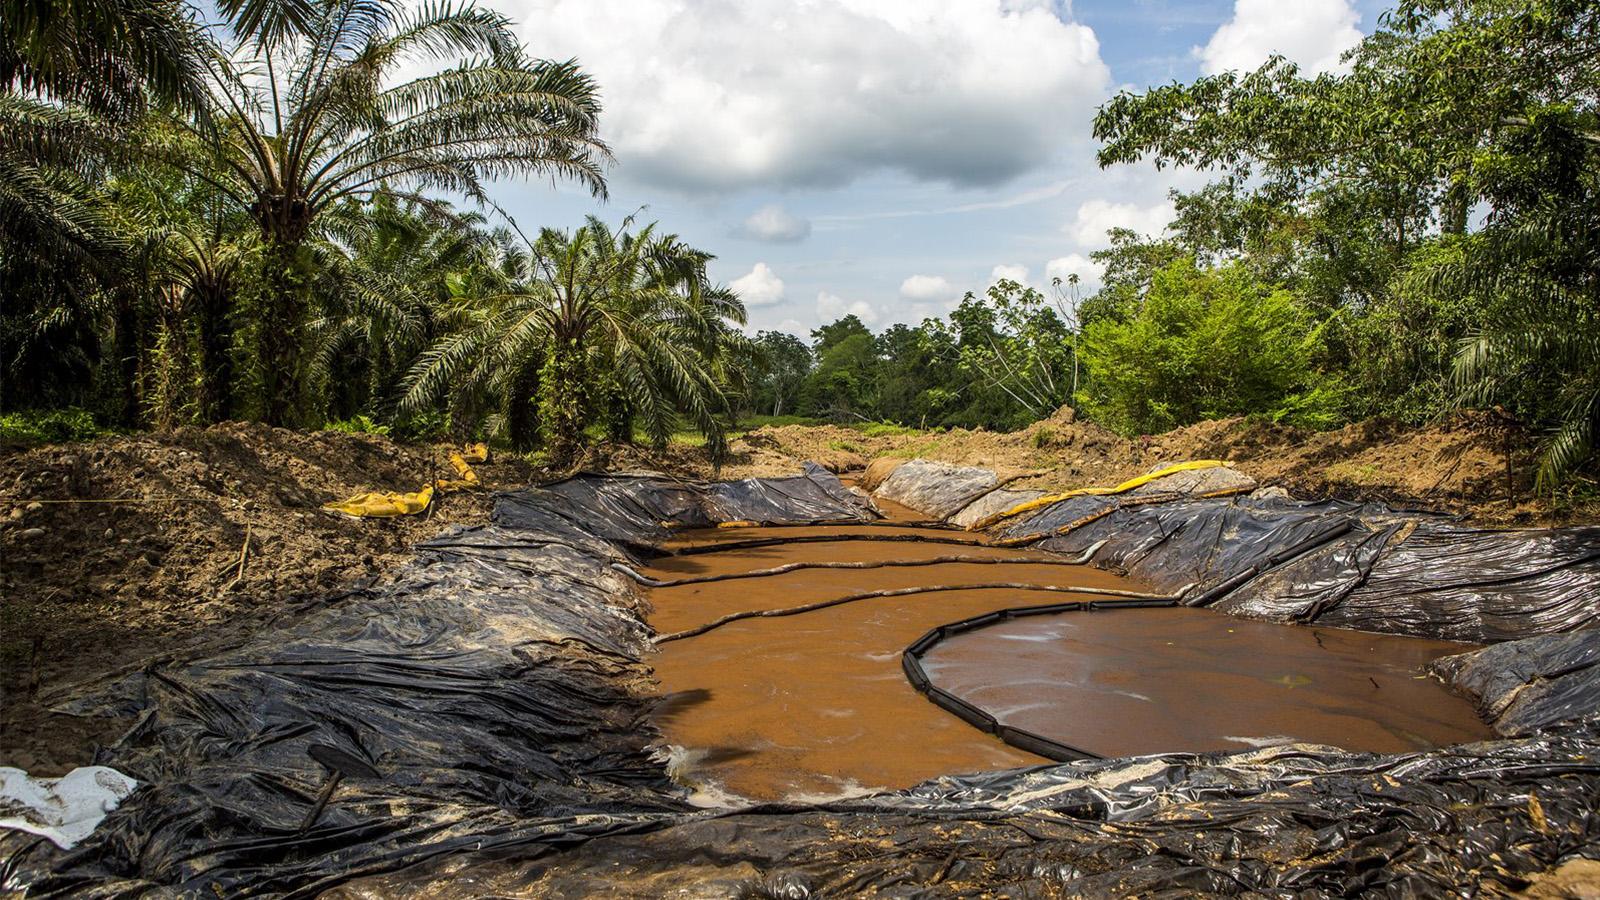 Las lecciones que dejó la mancha de petróleo en Barrancabermeja